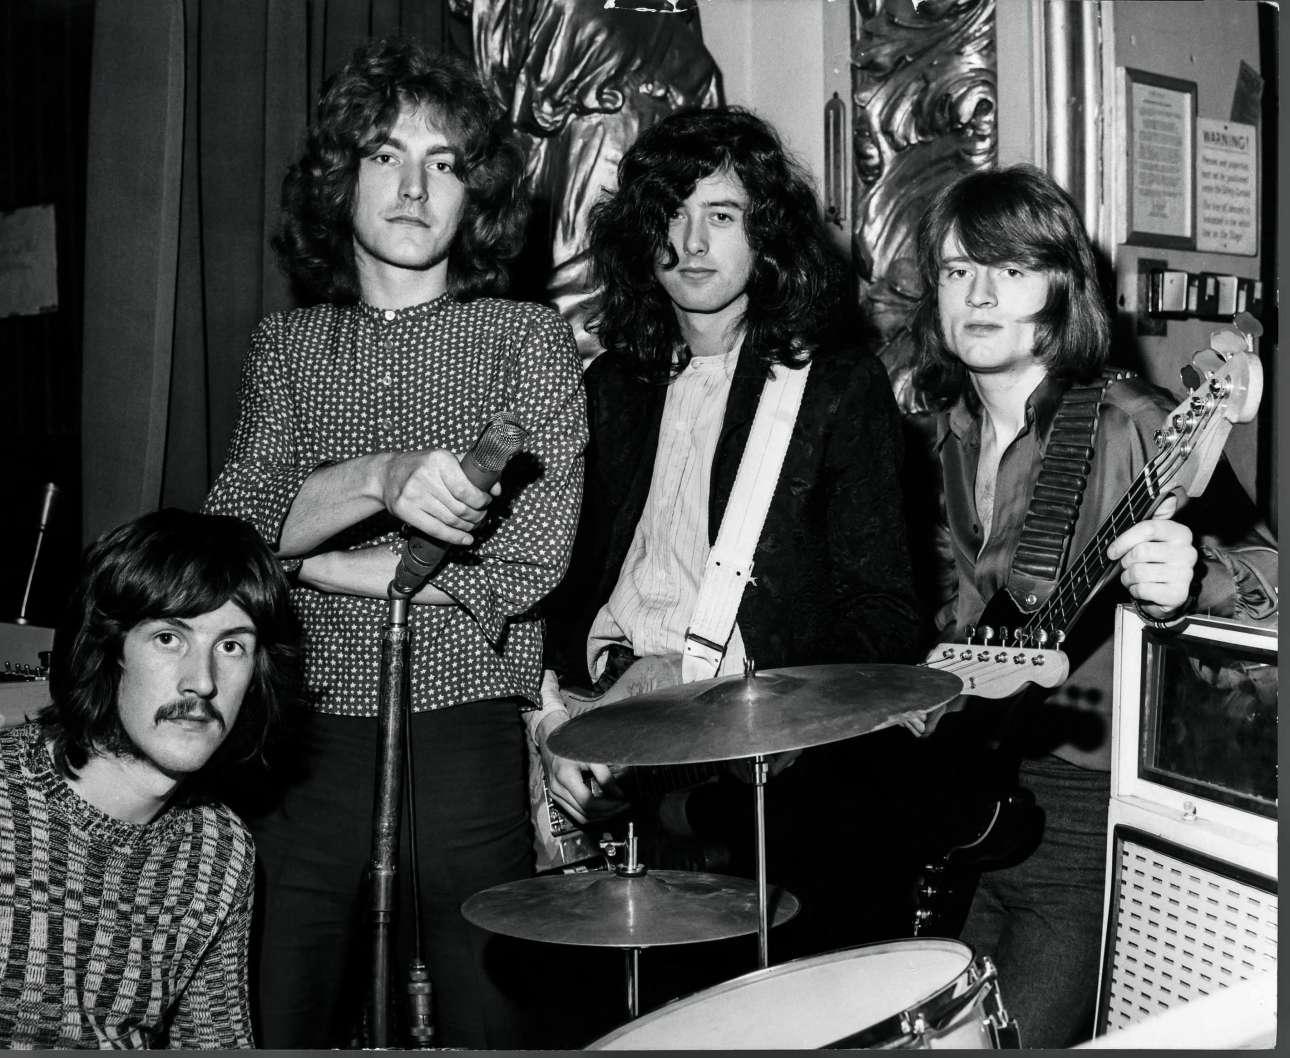 3 Μαρτίου 1969. Οι Led Zeppelin εμφανίζονται στη θρυλική εκπομπή «Top Gear» του BBC, στο Playhouse Theatre του Λονδίνου